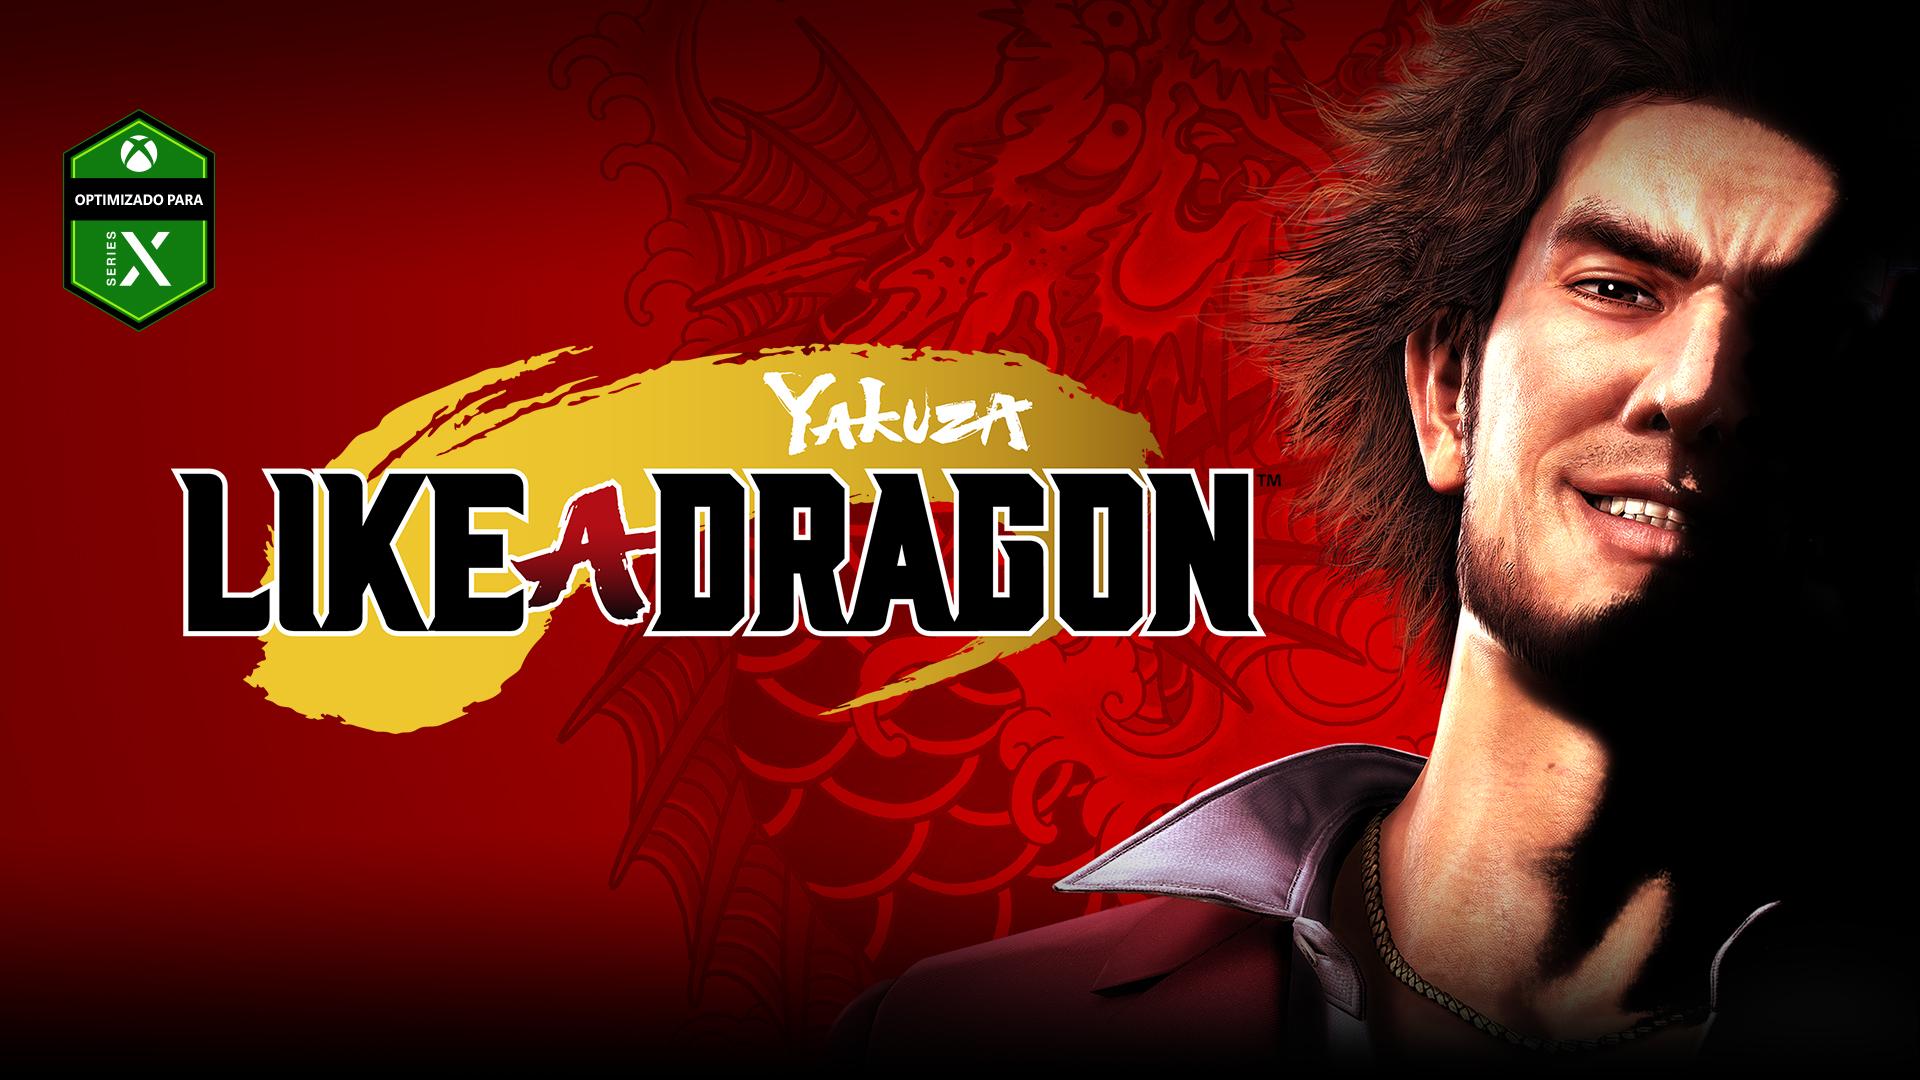 Yakuza: Like a Dragon, Ichiban sonríe sobre un fondo rojo con un dragón.